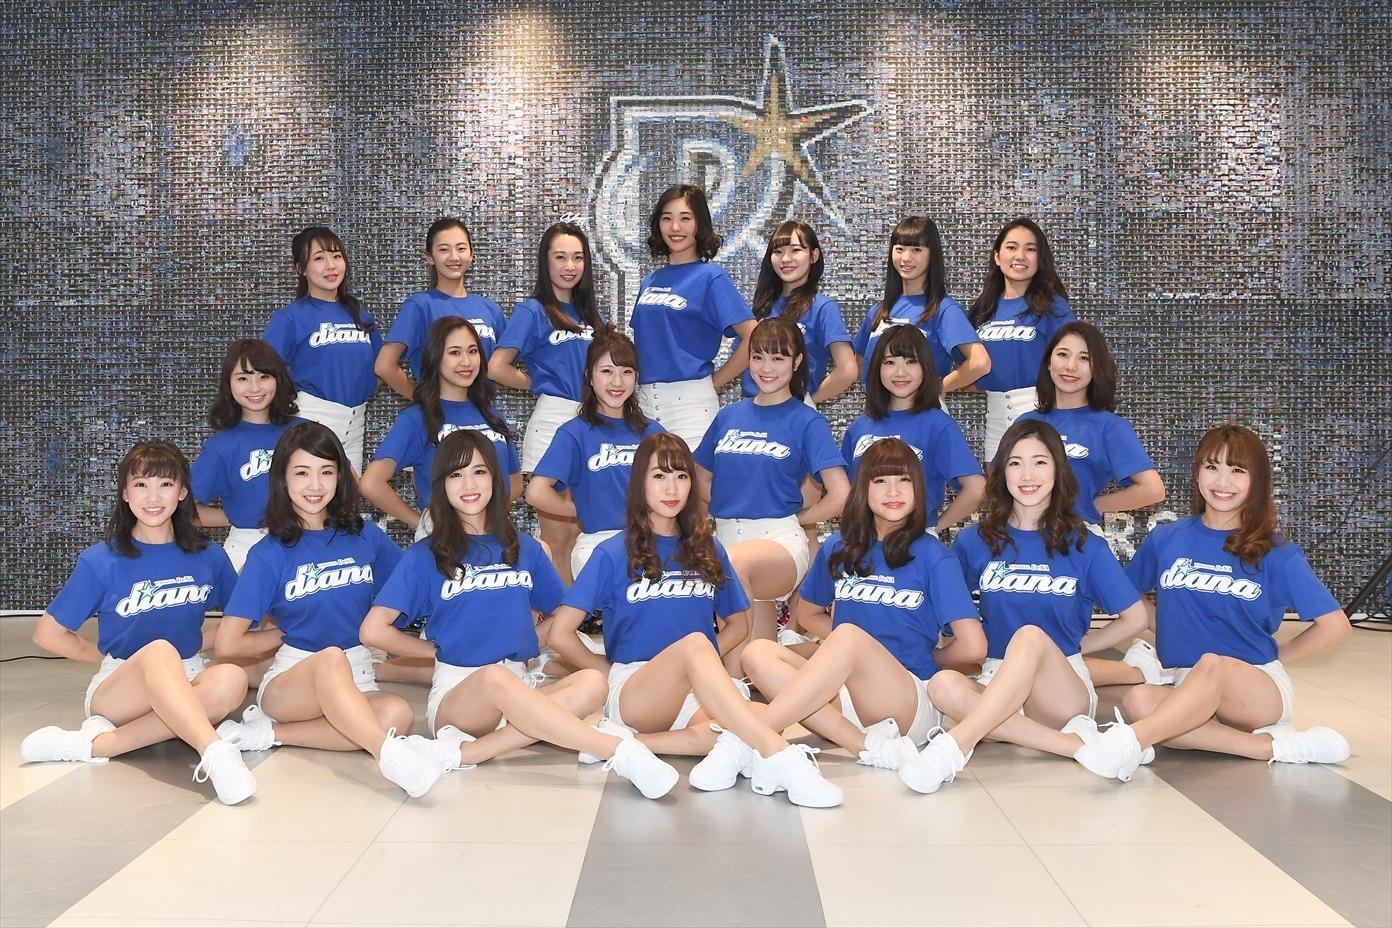 横浜DeNAベイスターズのパフォーマンスチーム「diana」